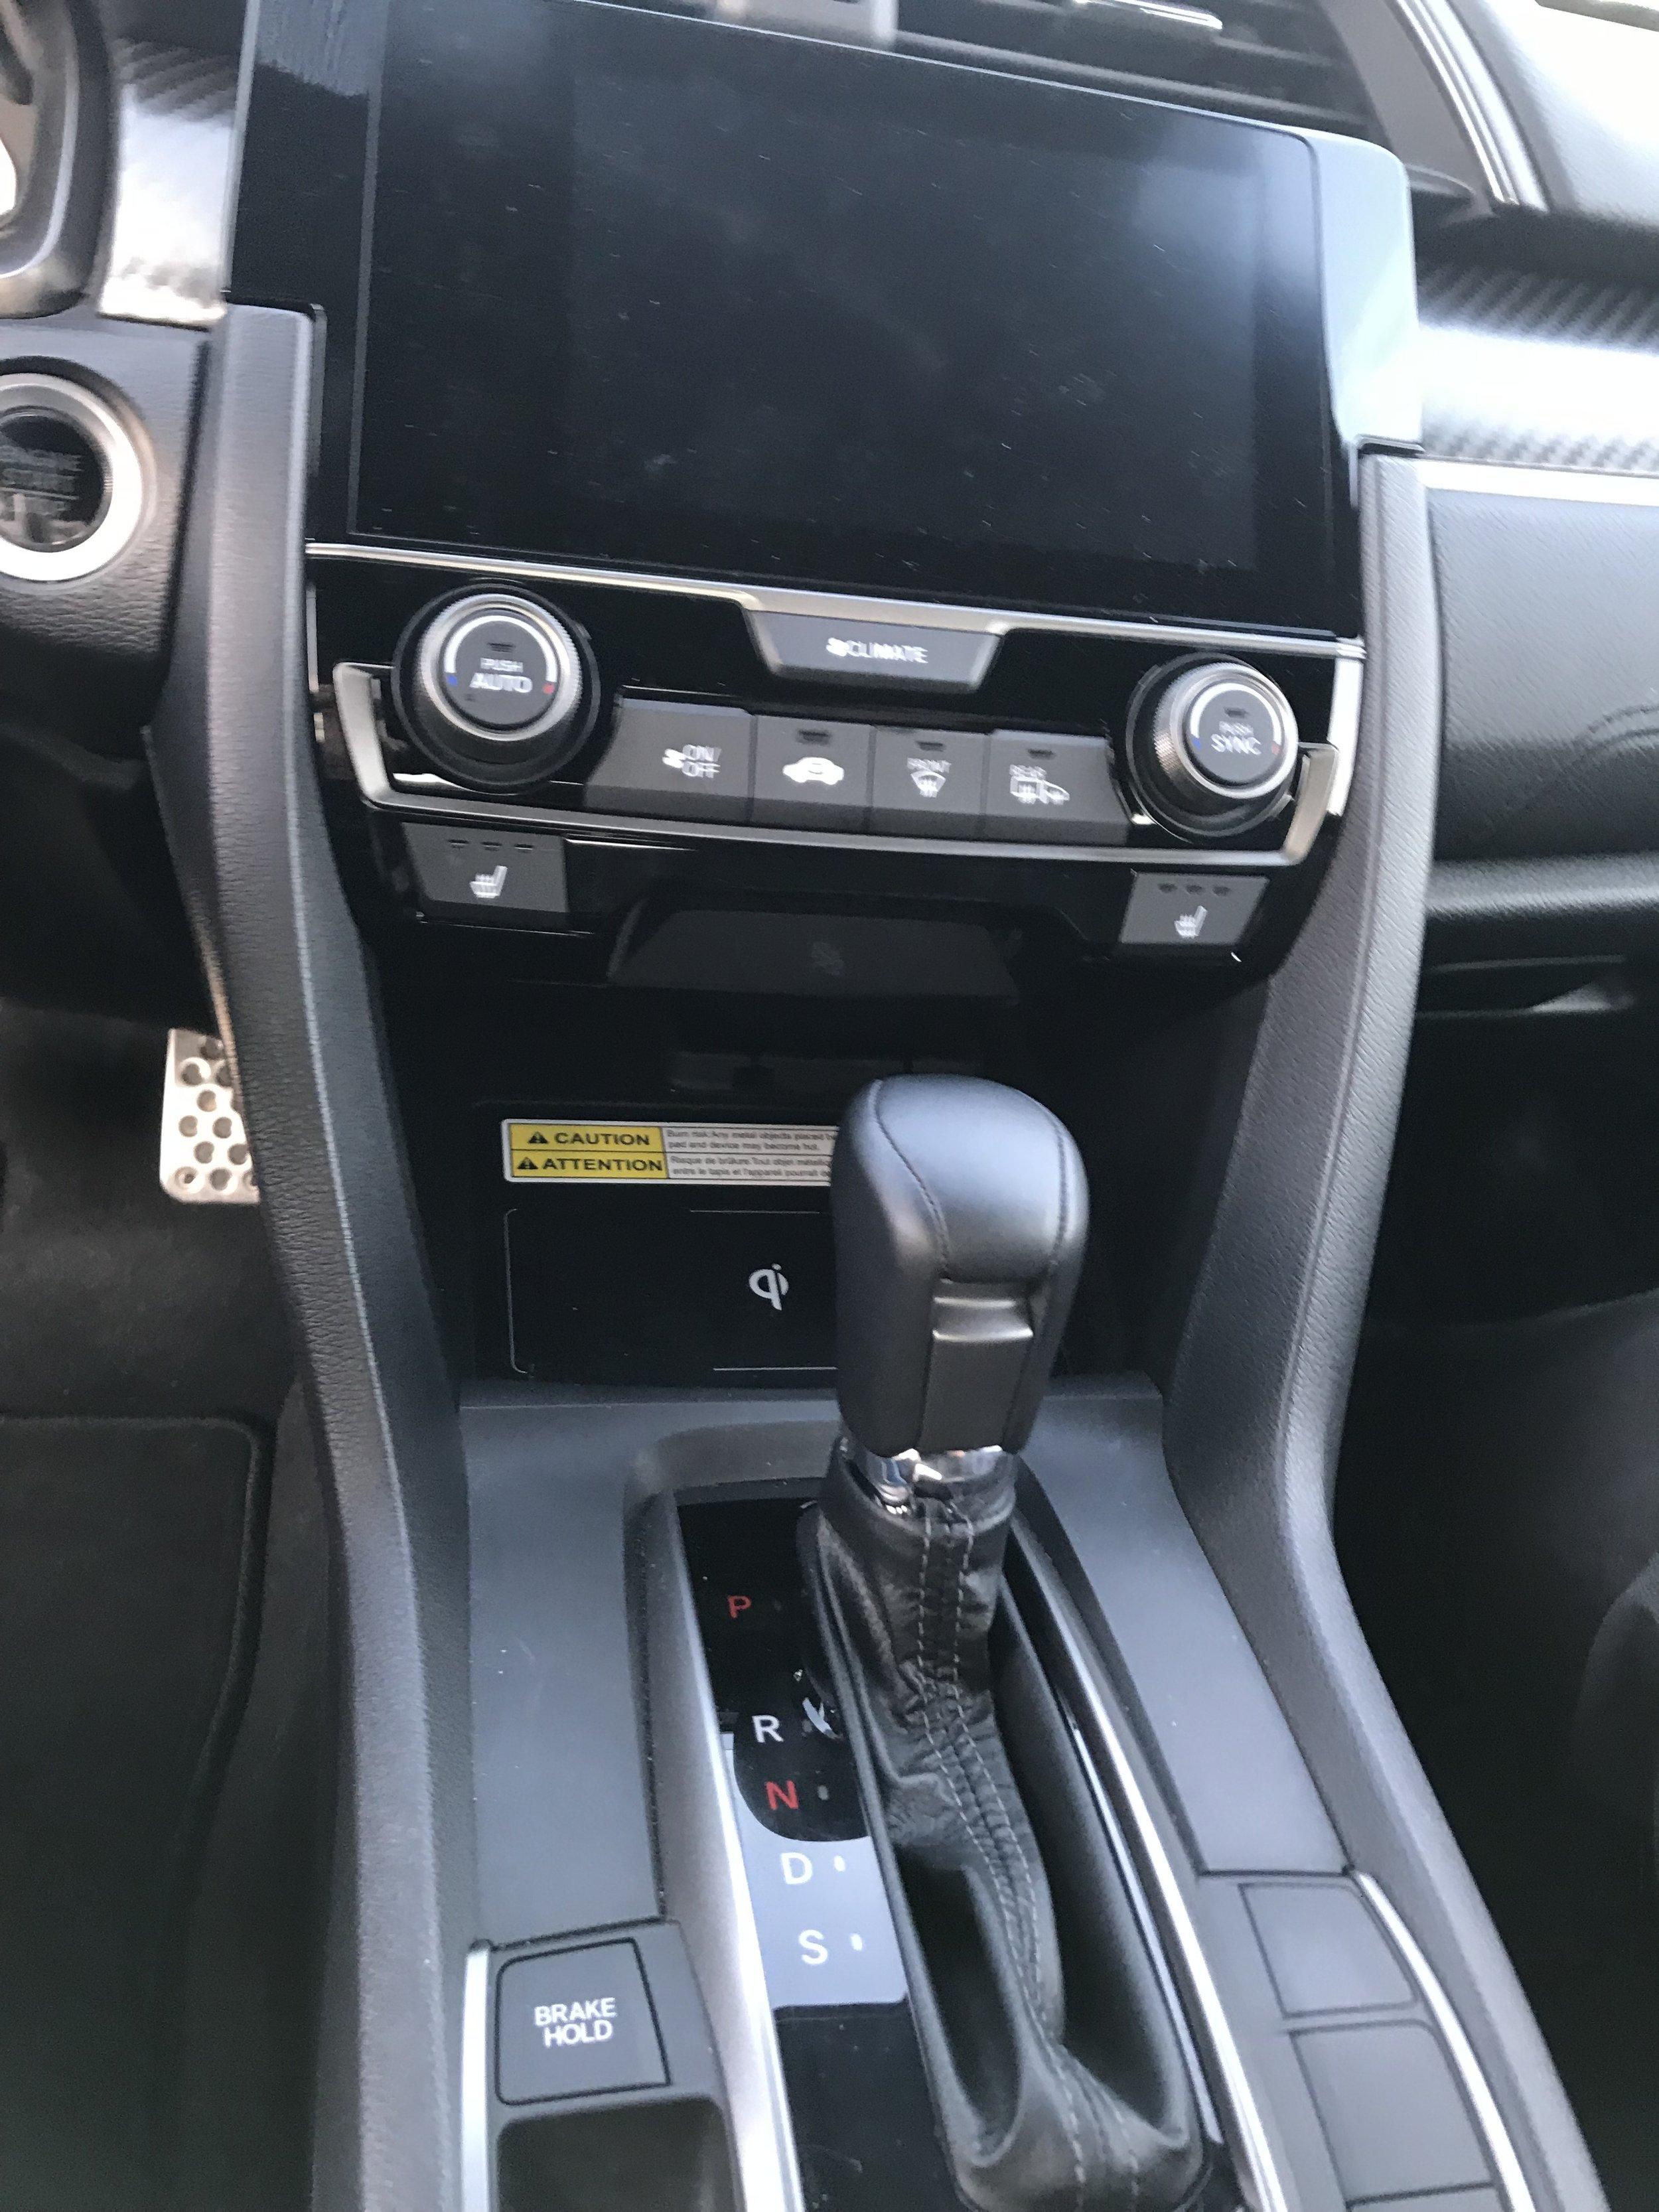 2018 Honda Civic Jennnifer Merrick Modern Mississauga Media 8.JPG